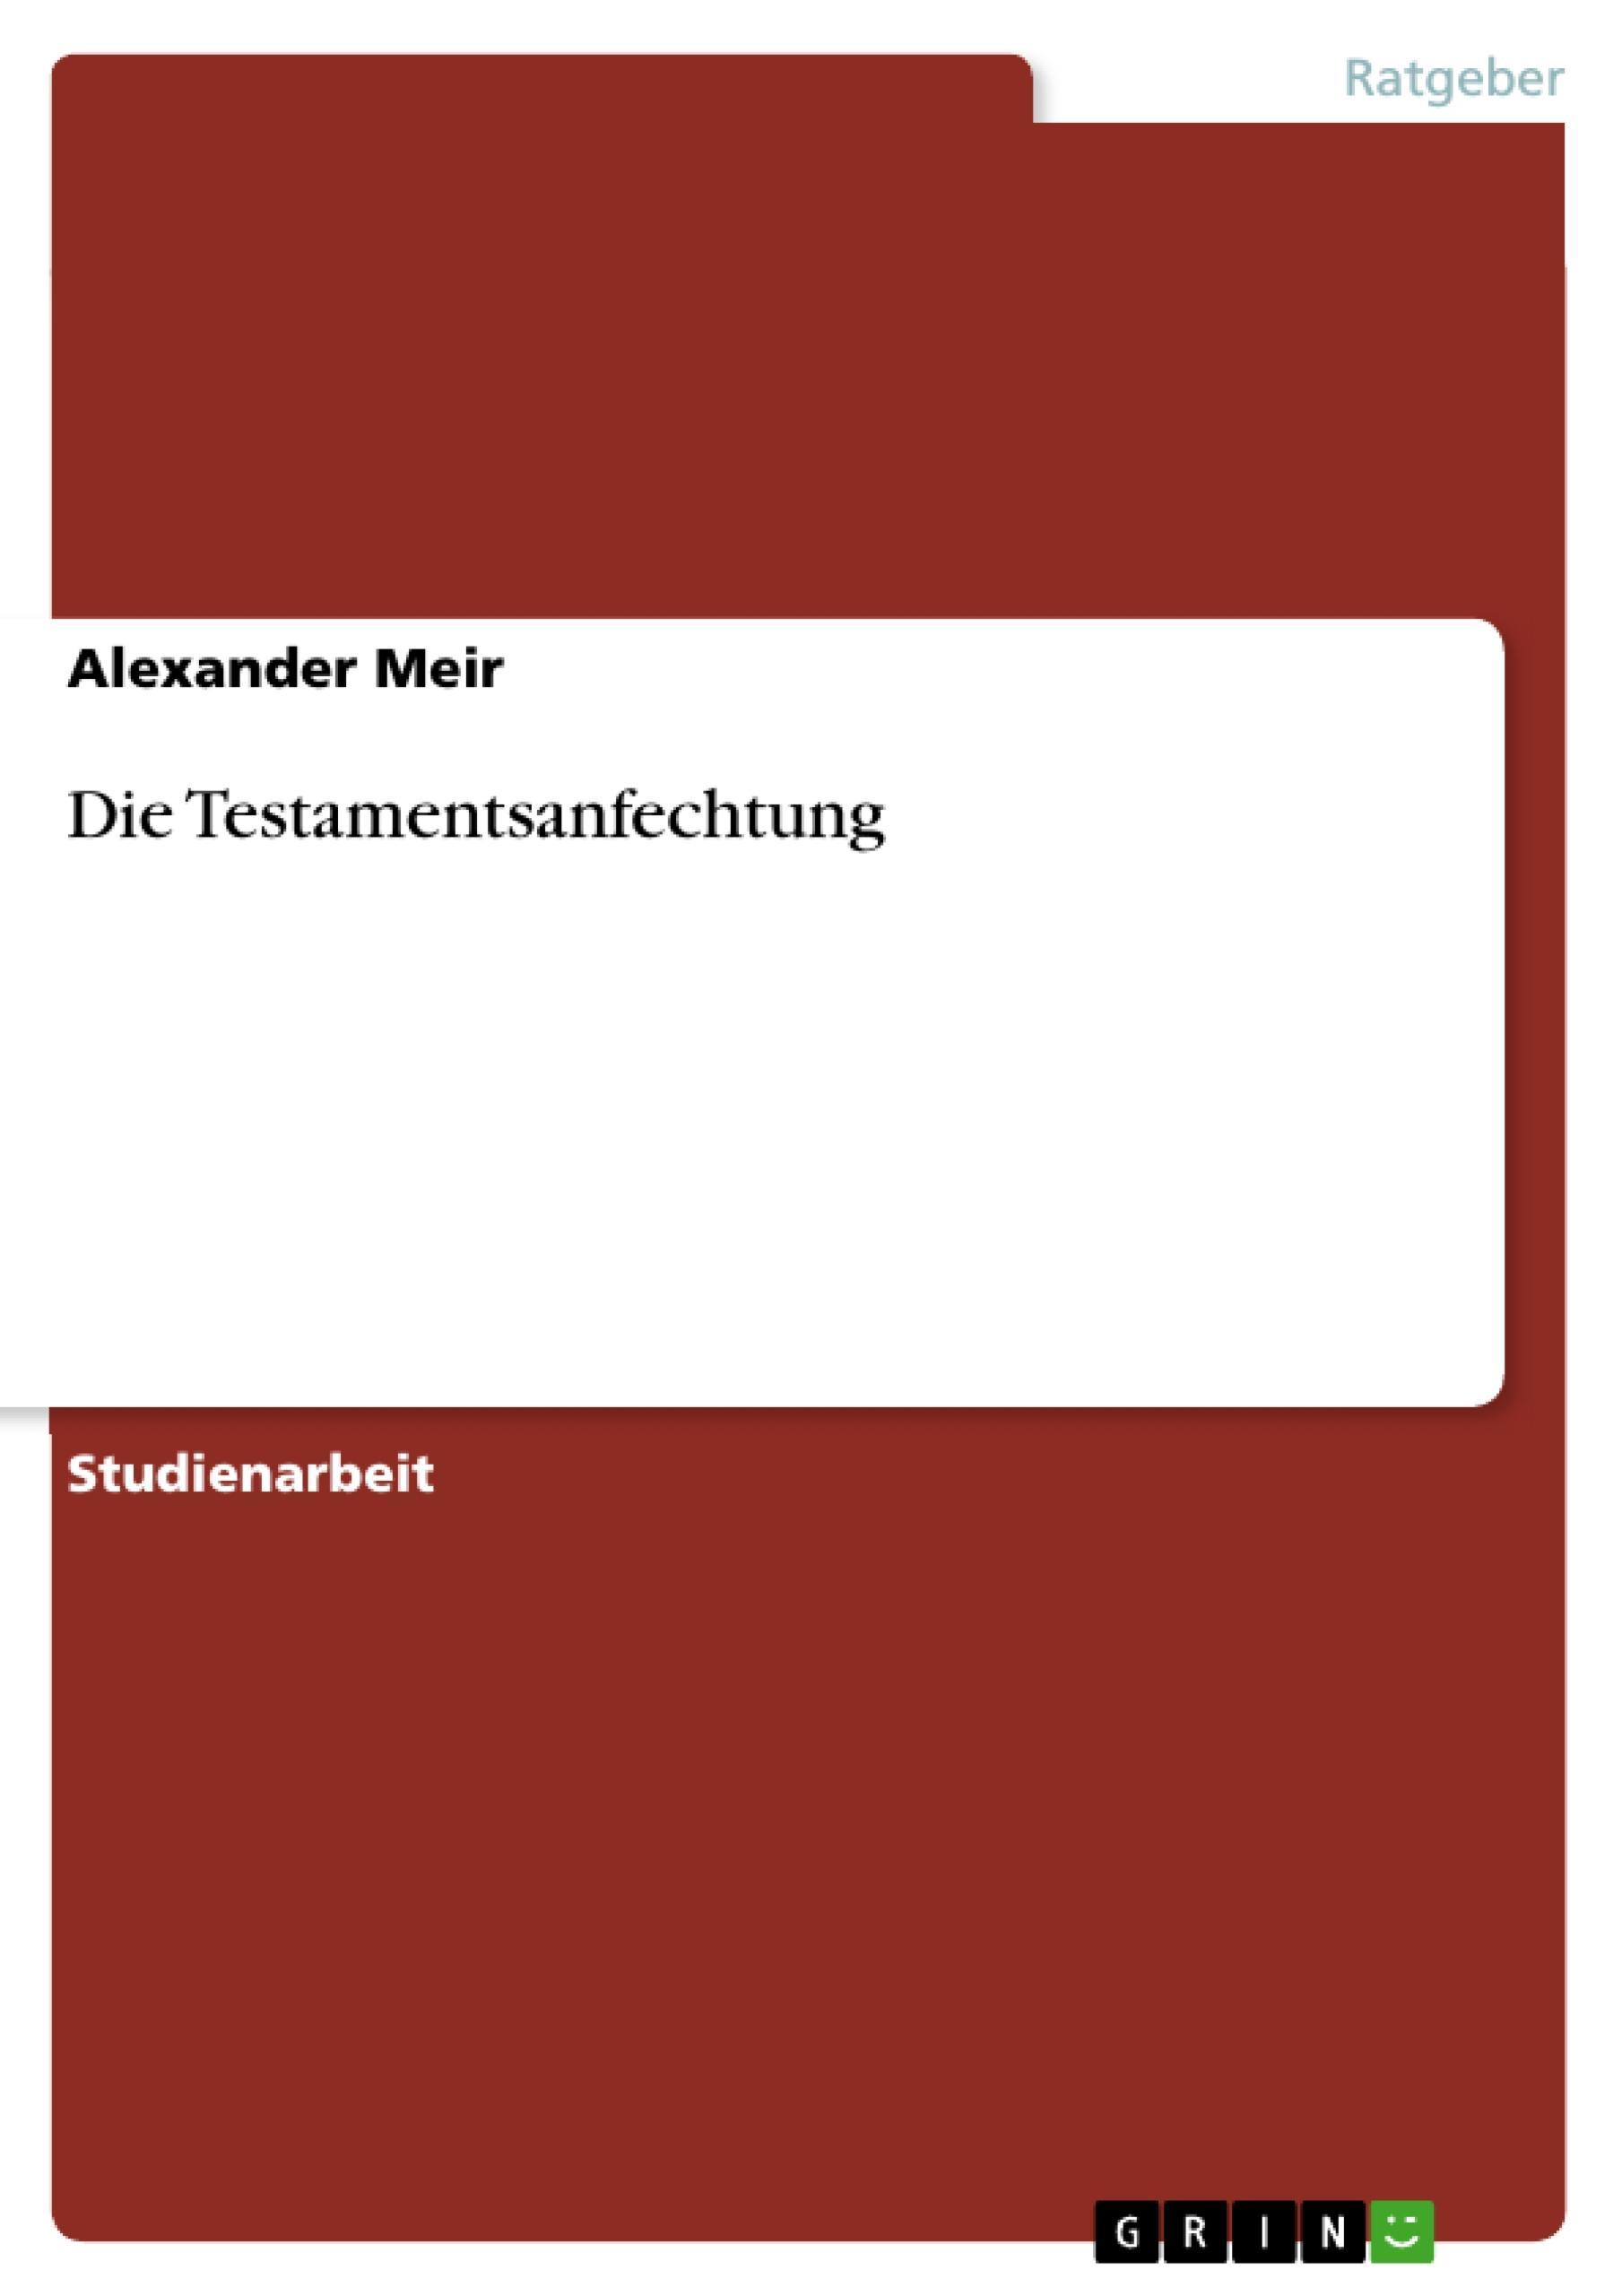 Die Testamentsanfechtung  Alexander Meir  Taschenbuch  Paperback  Deutsch  2010 - Meir, Alexander